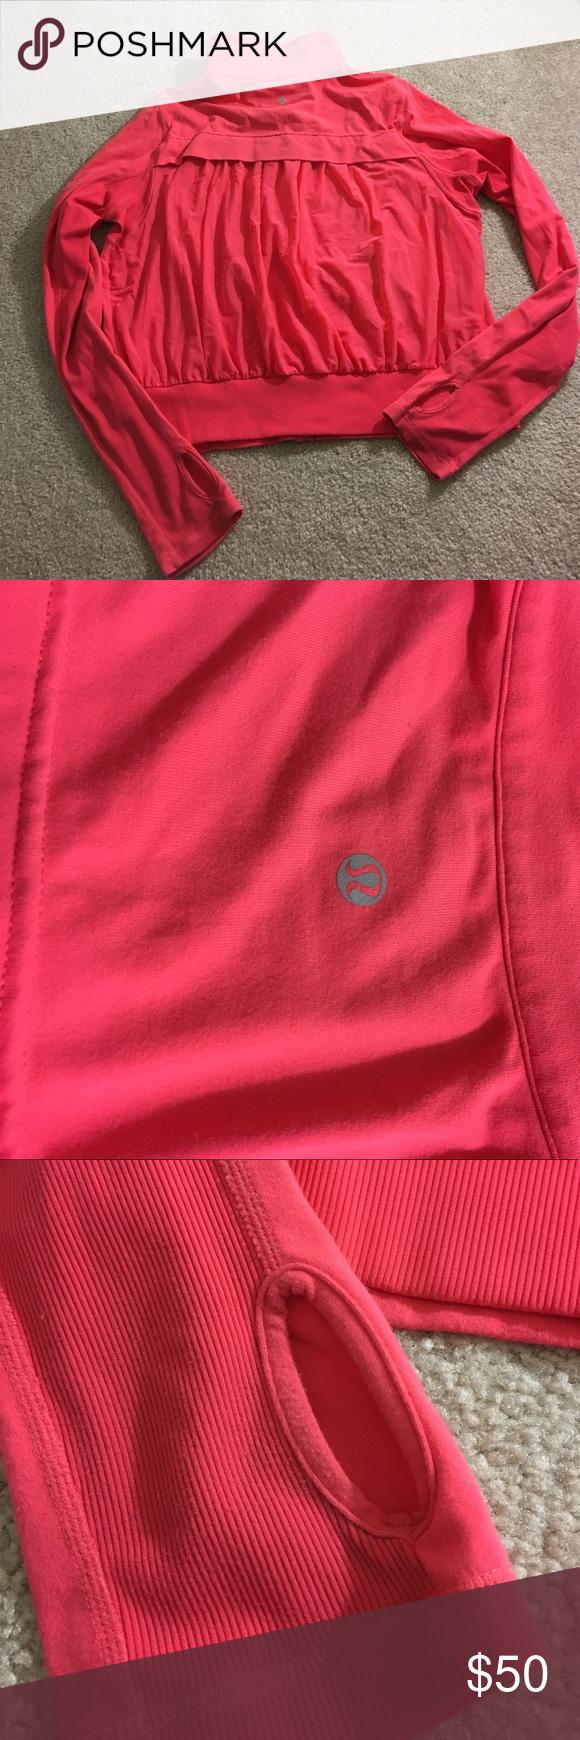 Lululemon Tadasana mesh jacket Super cute pink Lululemon ...